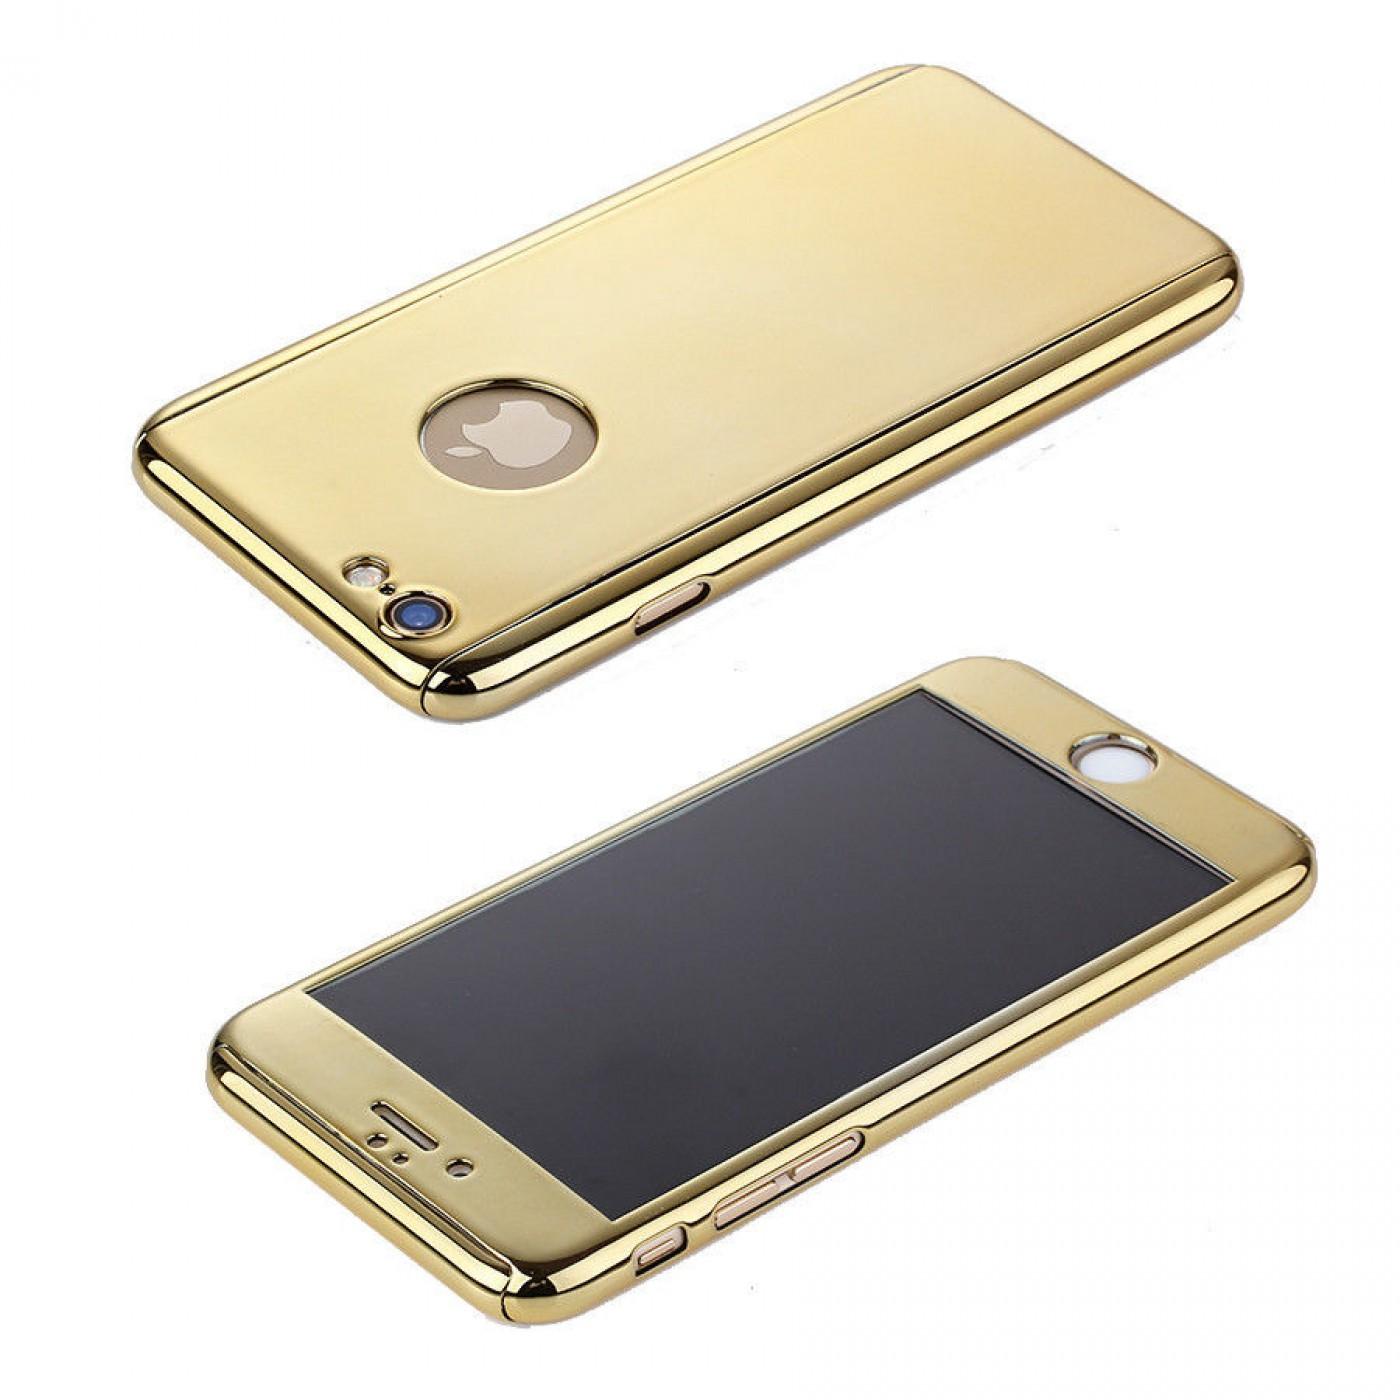 Coque iphone 7 plus 8 plus 360 full body mirror or for Coque iphone 7 miroir